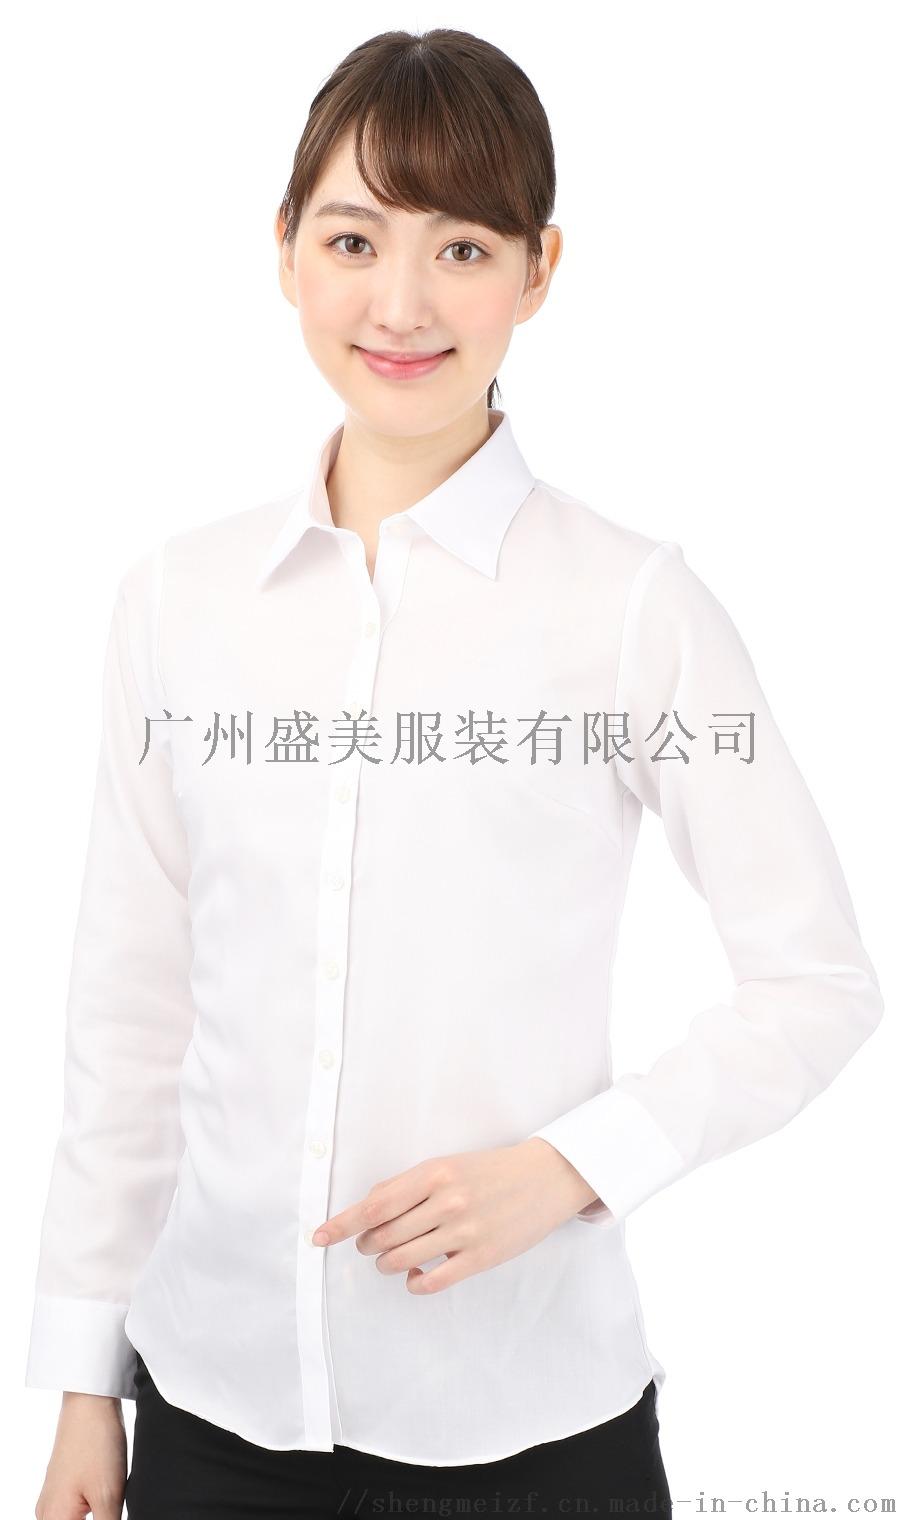 番禺区衬衫定做,钟村员工衬衣定制,绣字衬衫订做60847972